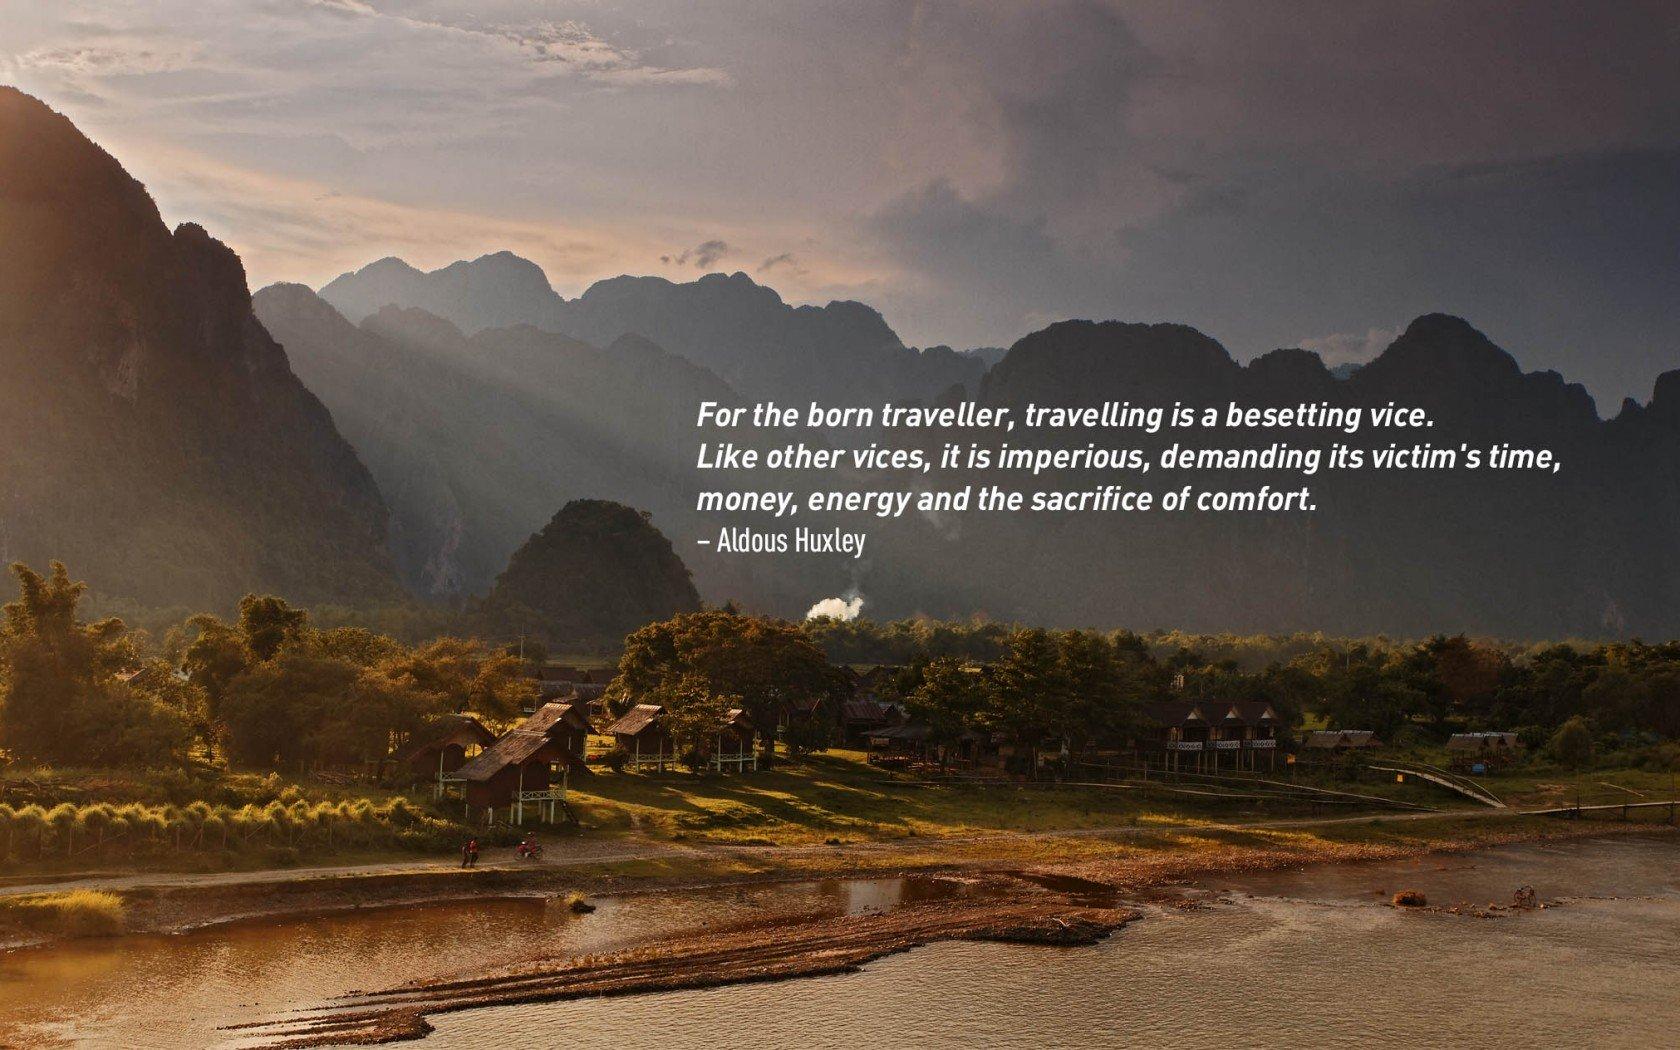 Citation inspirante de voyage par Aldous Huxley.